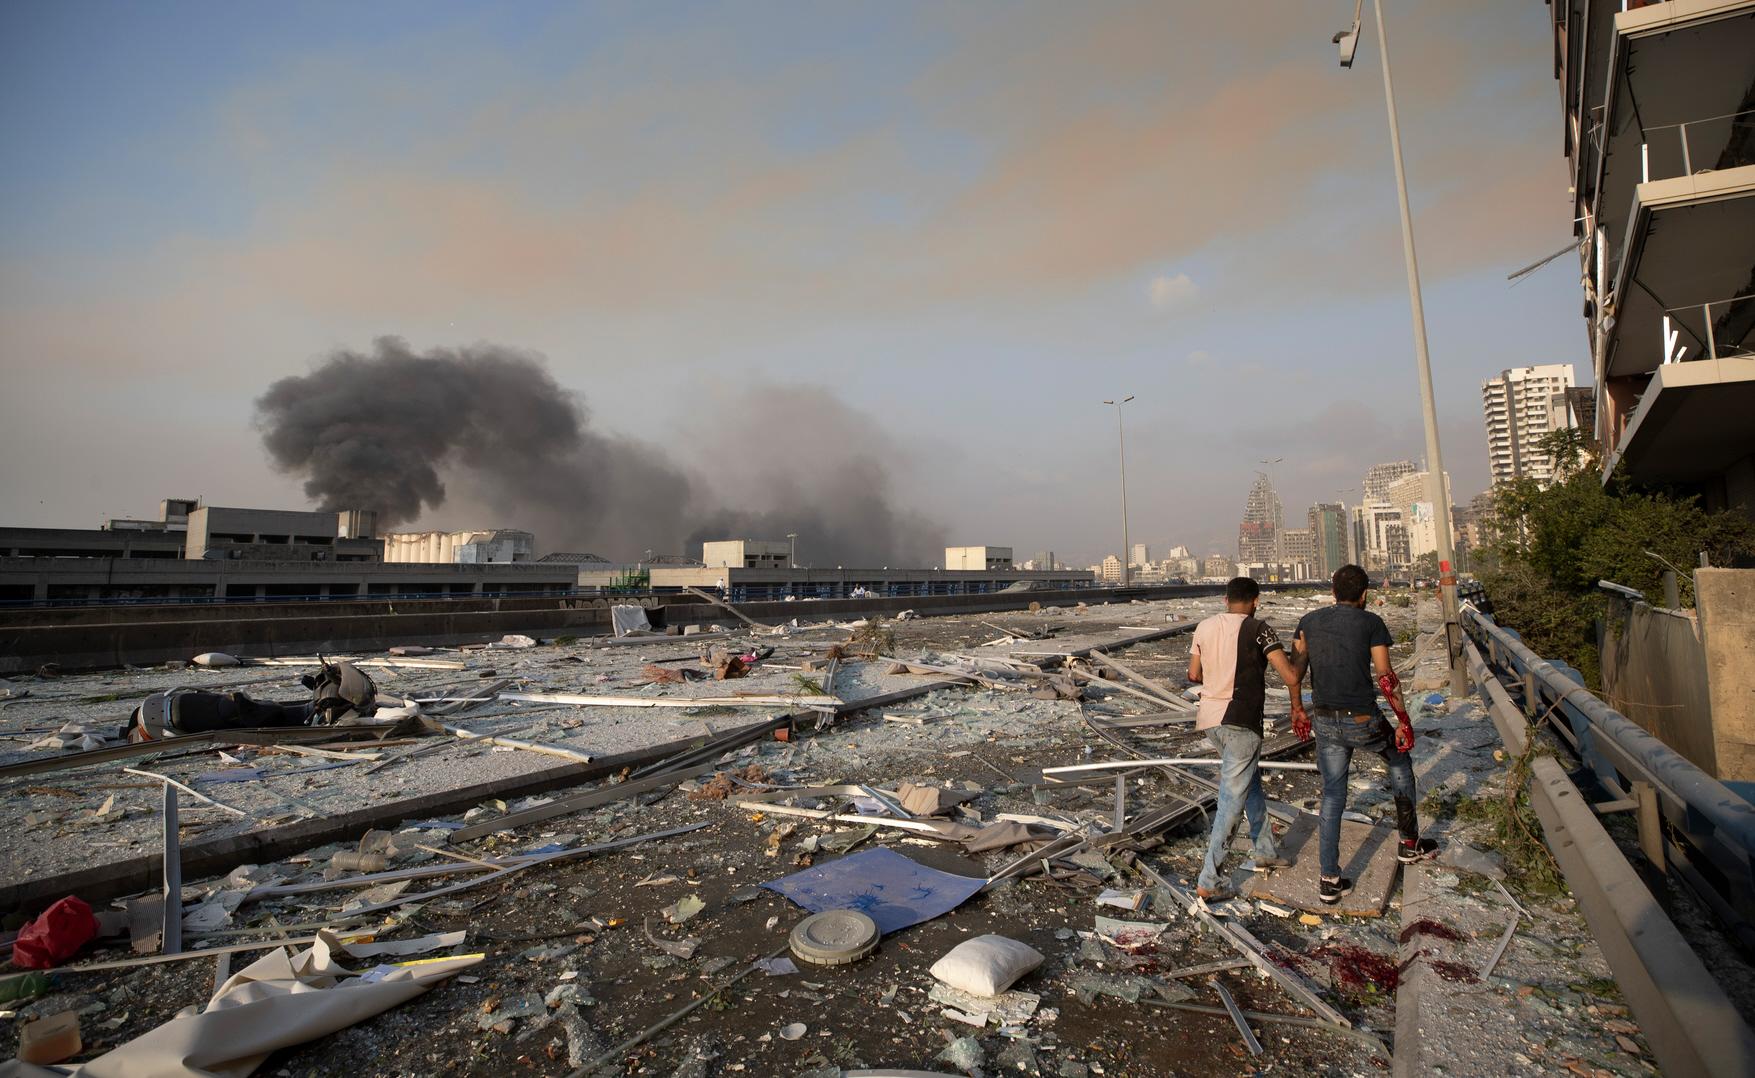 Corniche de Beyrouth, après la double explosion du port le 4 août 2020 - Crédit Boaz Guttman